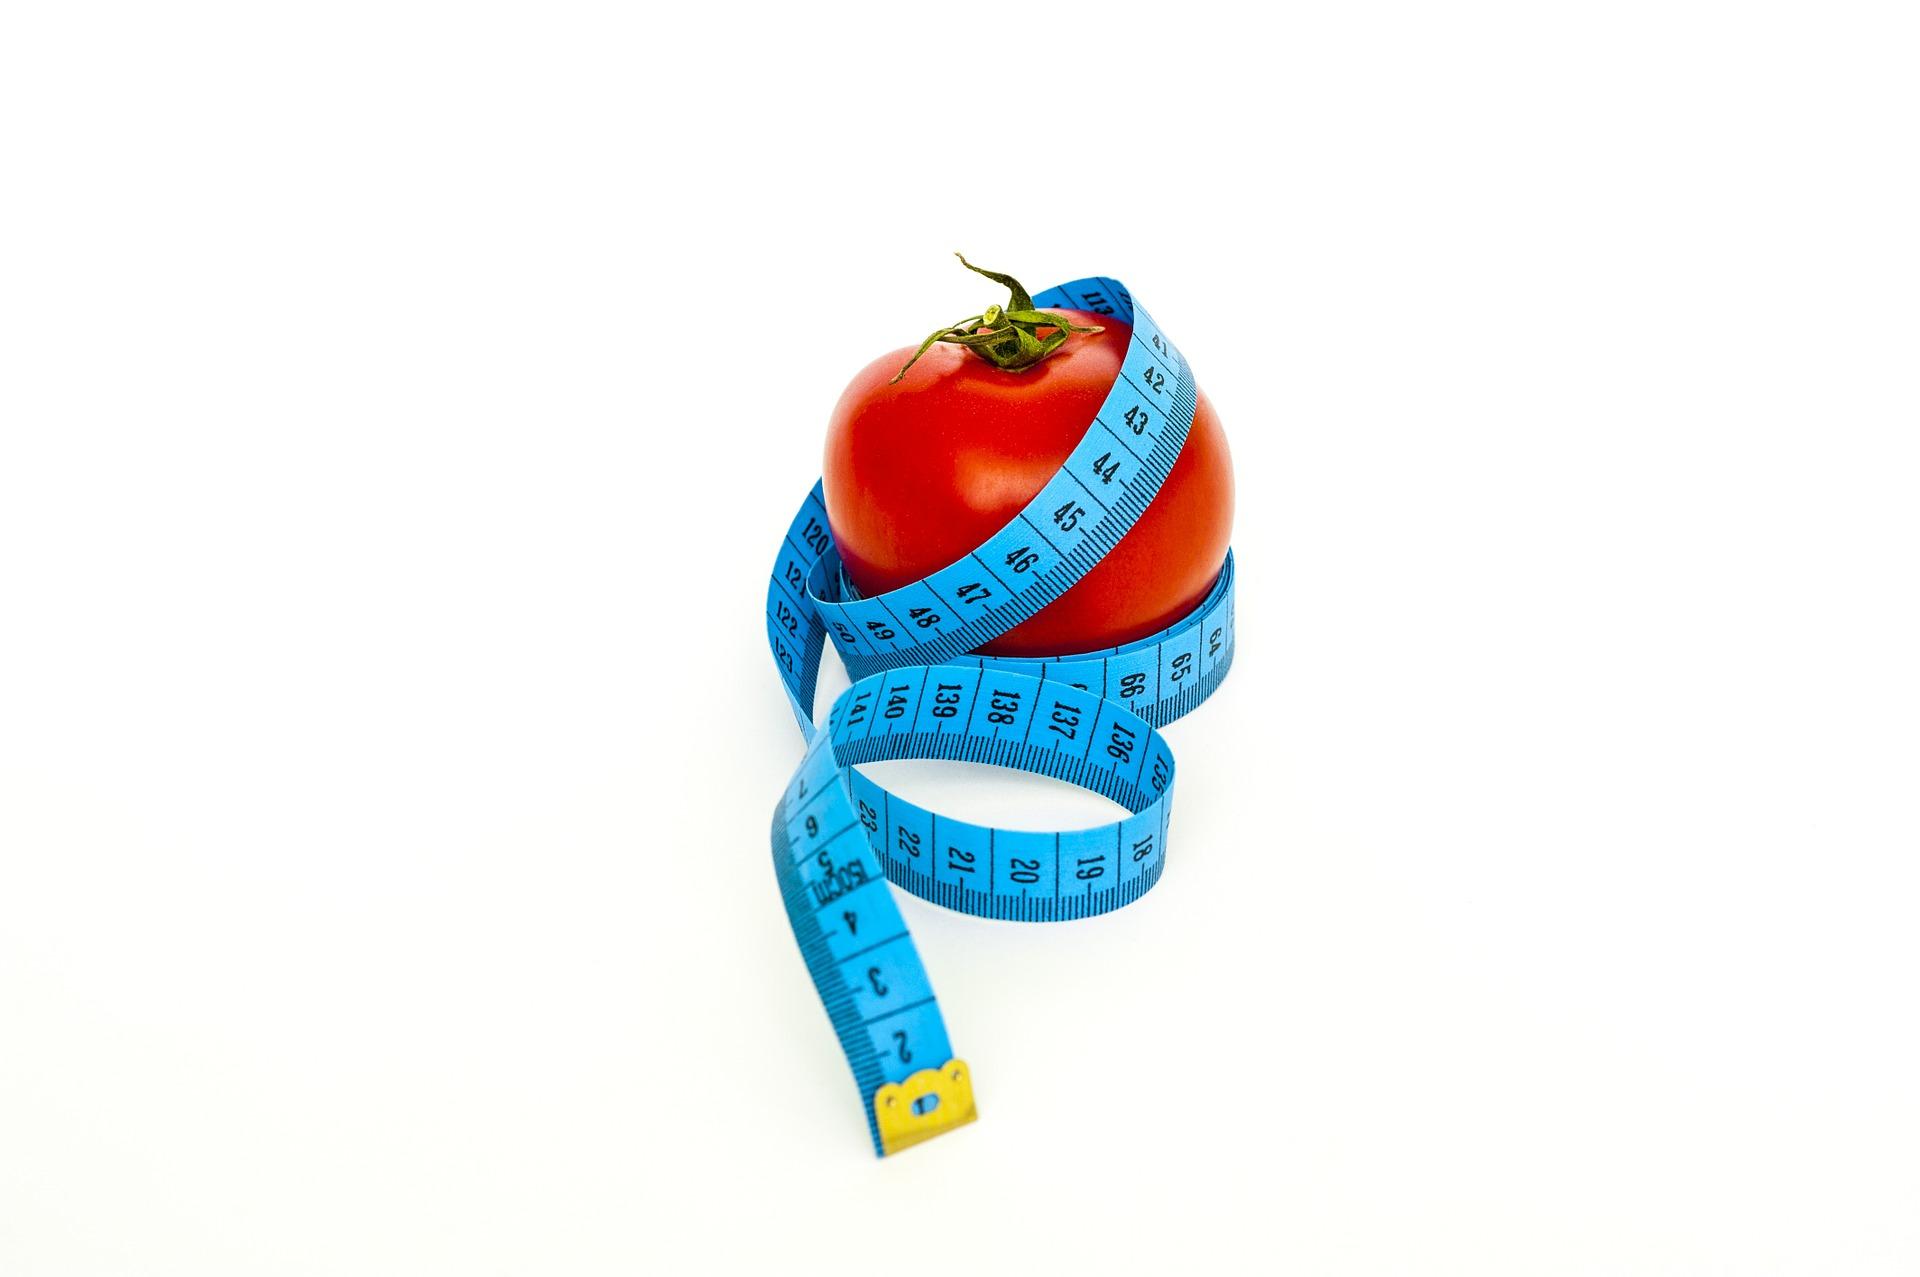 cele mai bune forme de pierdere în greutate